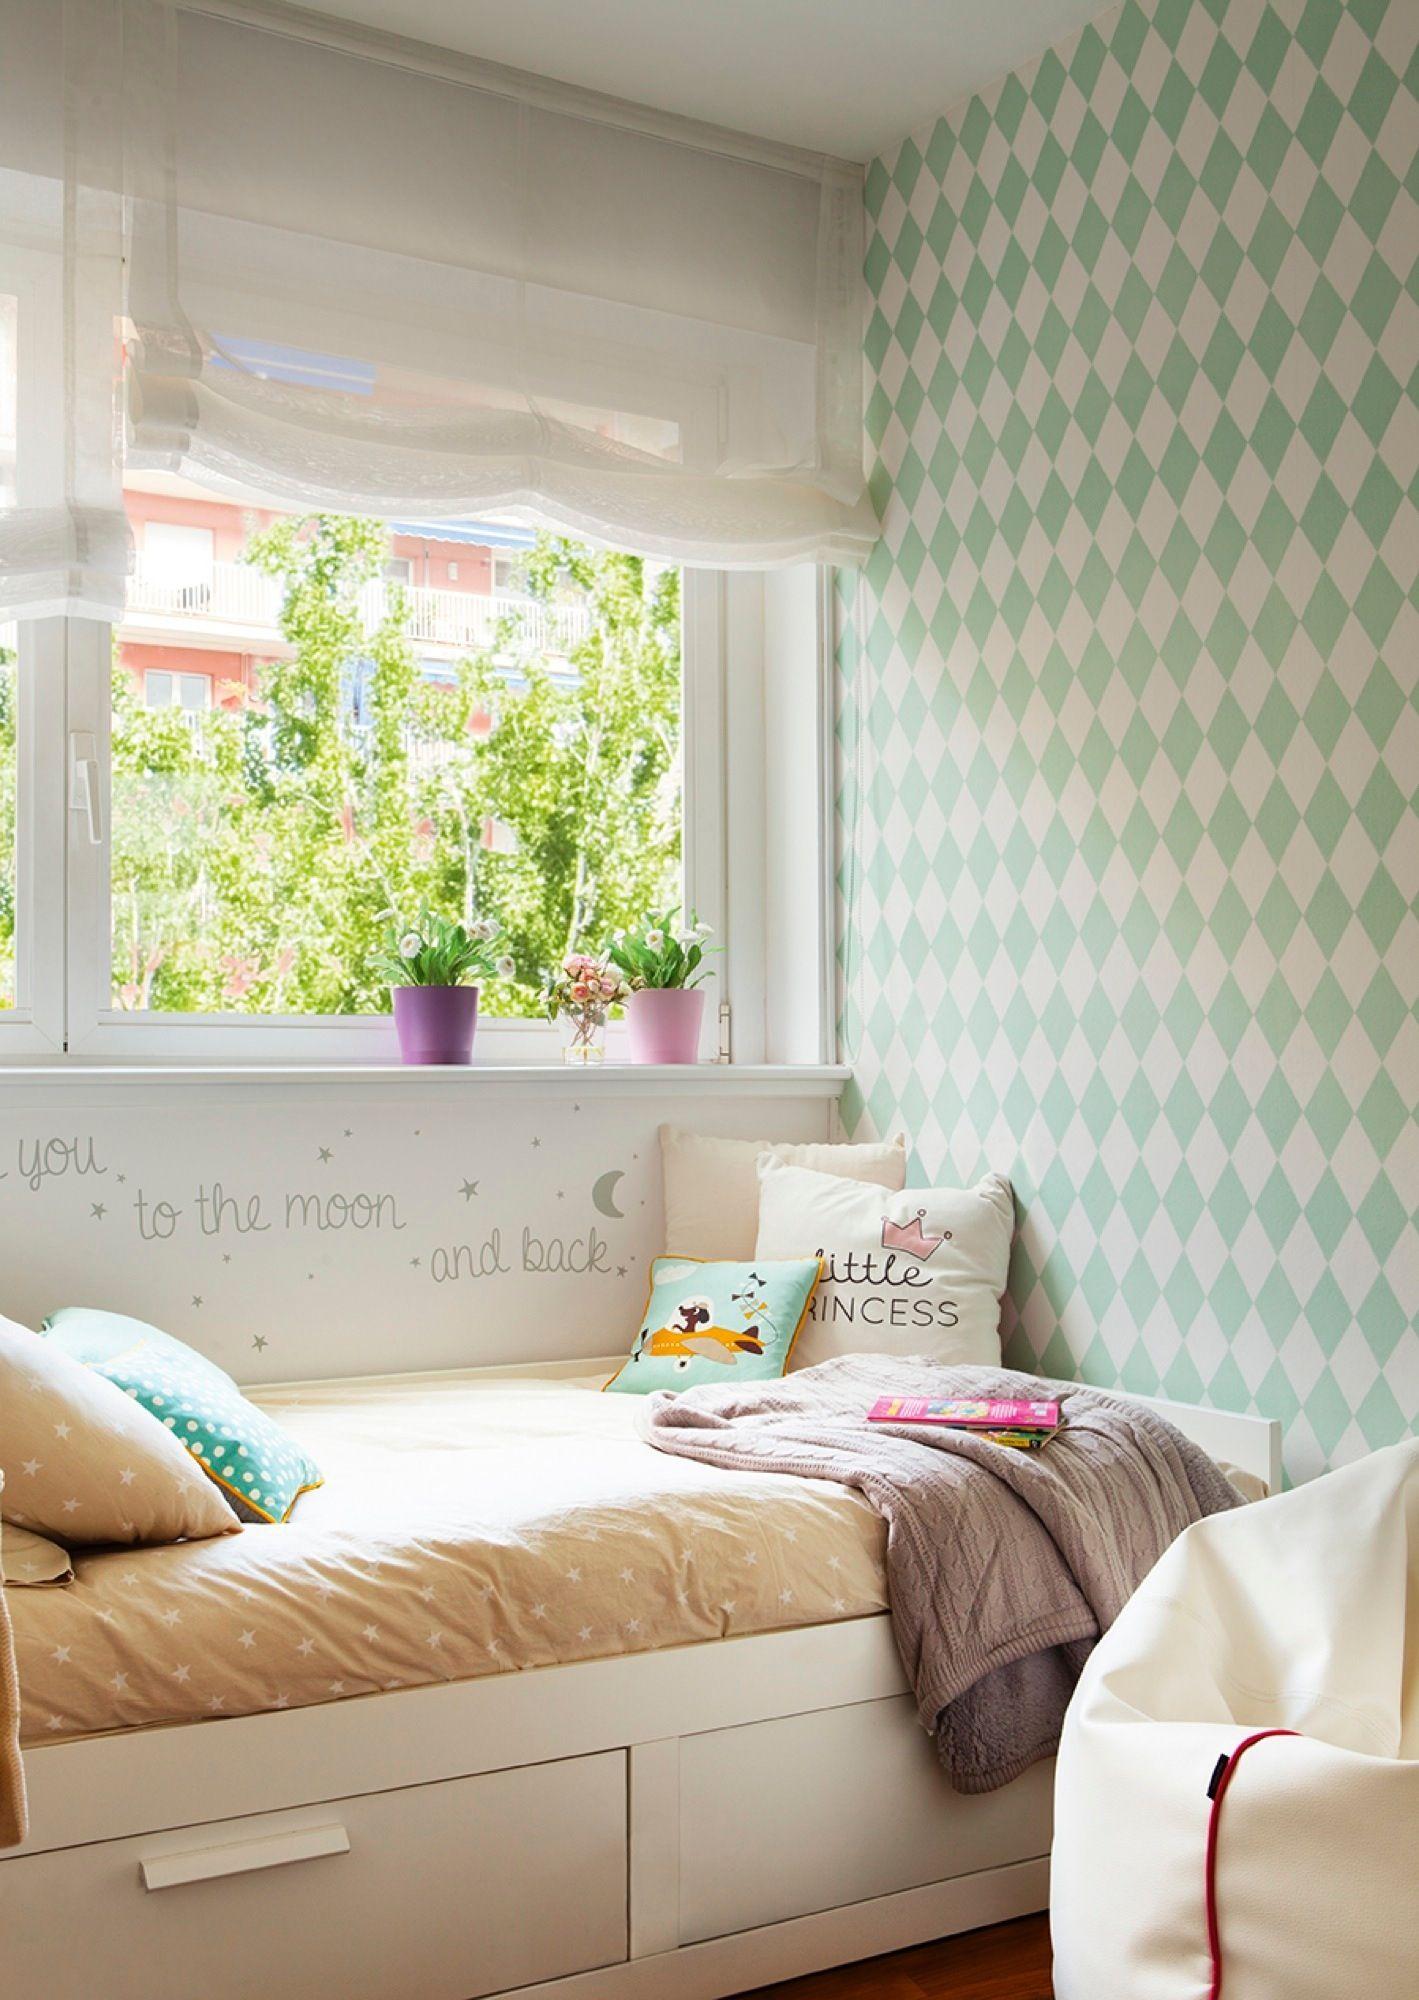 Decora tu casa con papel pintado Papel pintado